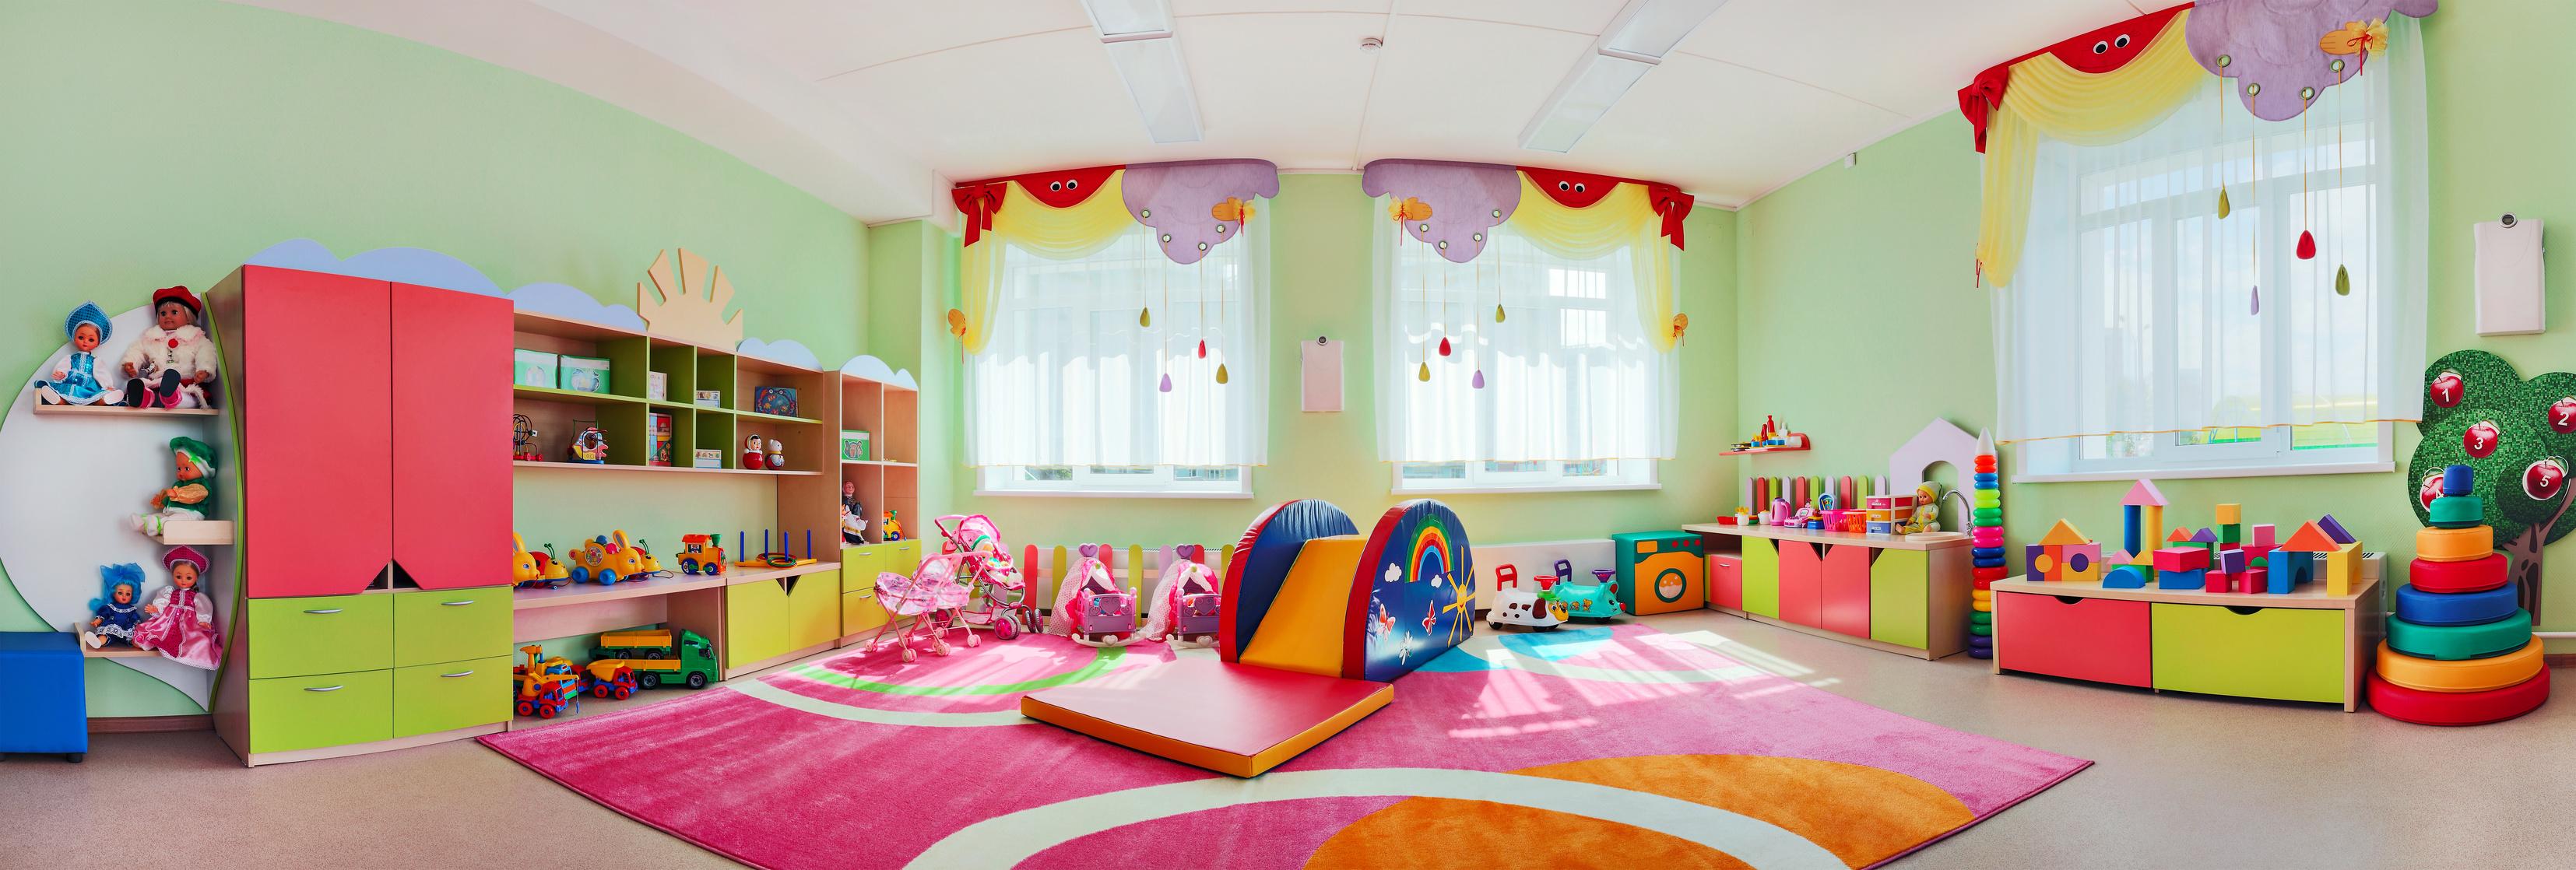 Ideas para Decorar Salones de un Jardín Infantil - Children\'s Spaces